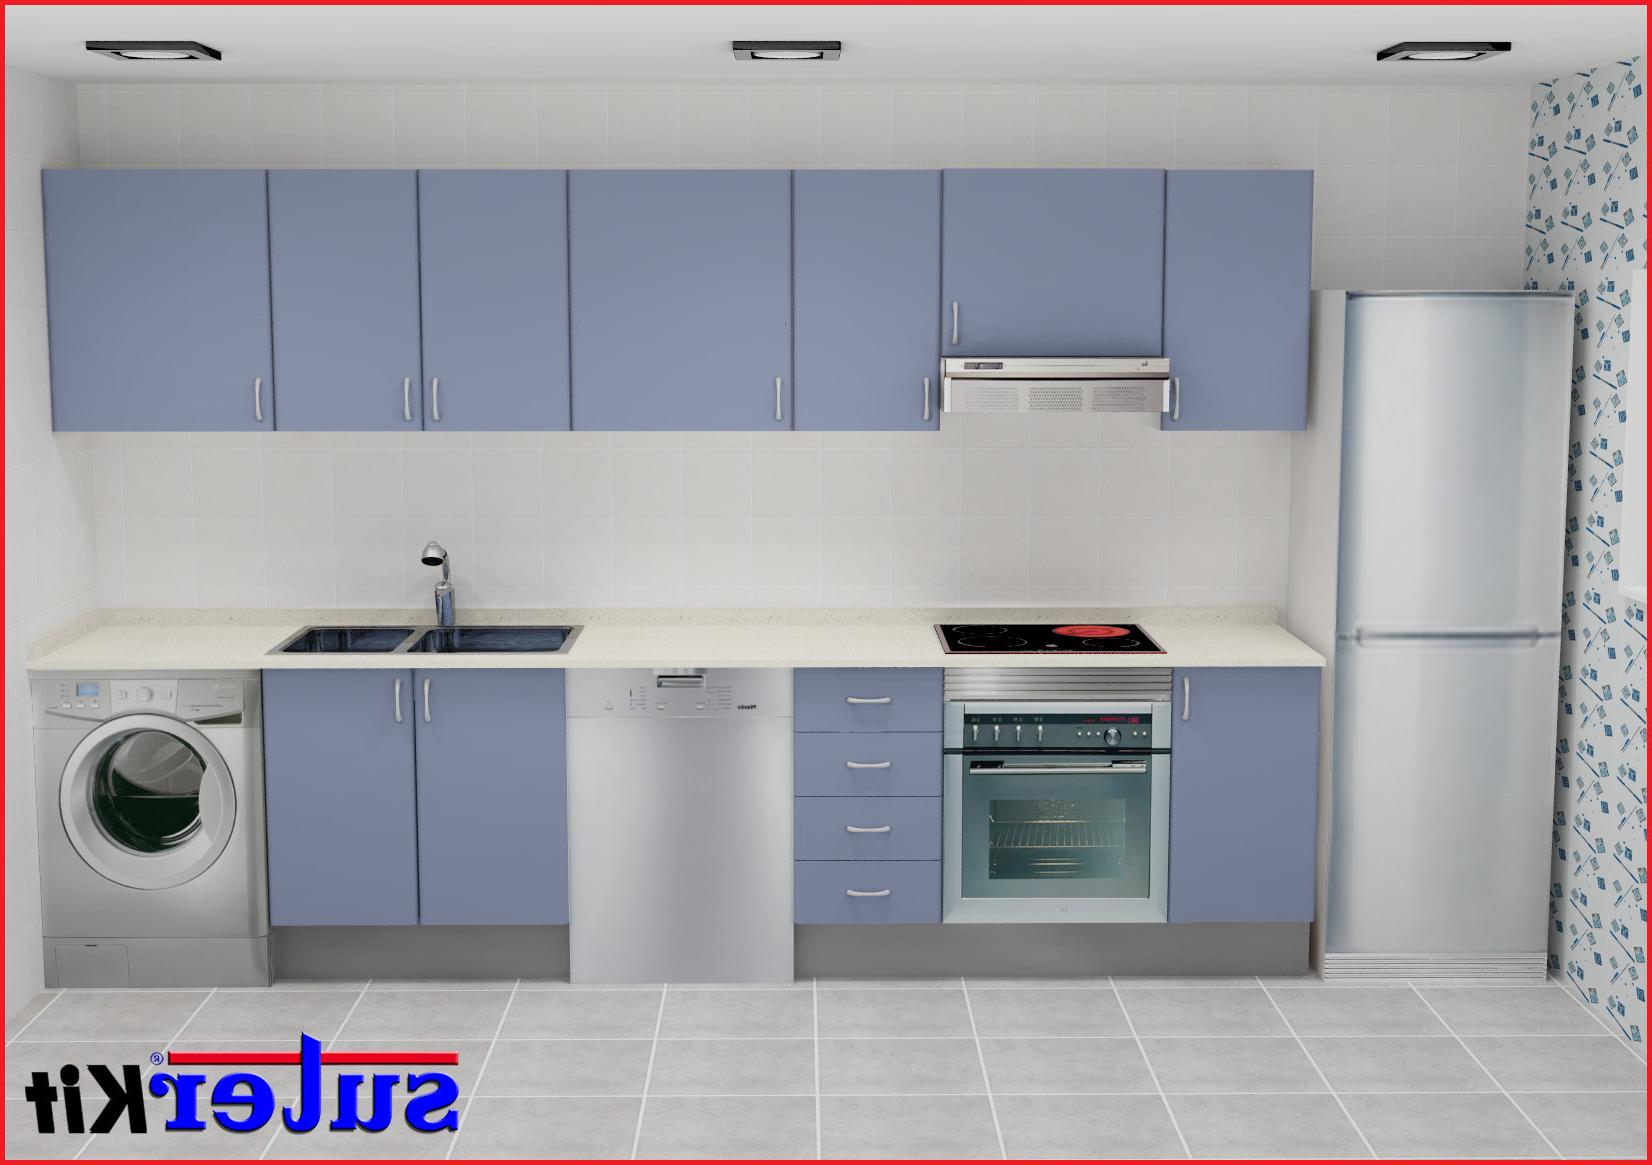 Muebles Cocina Online Rldj Cocina Online Muebles Muebles De Cocina ...